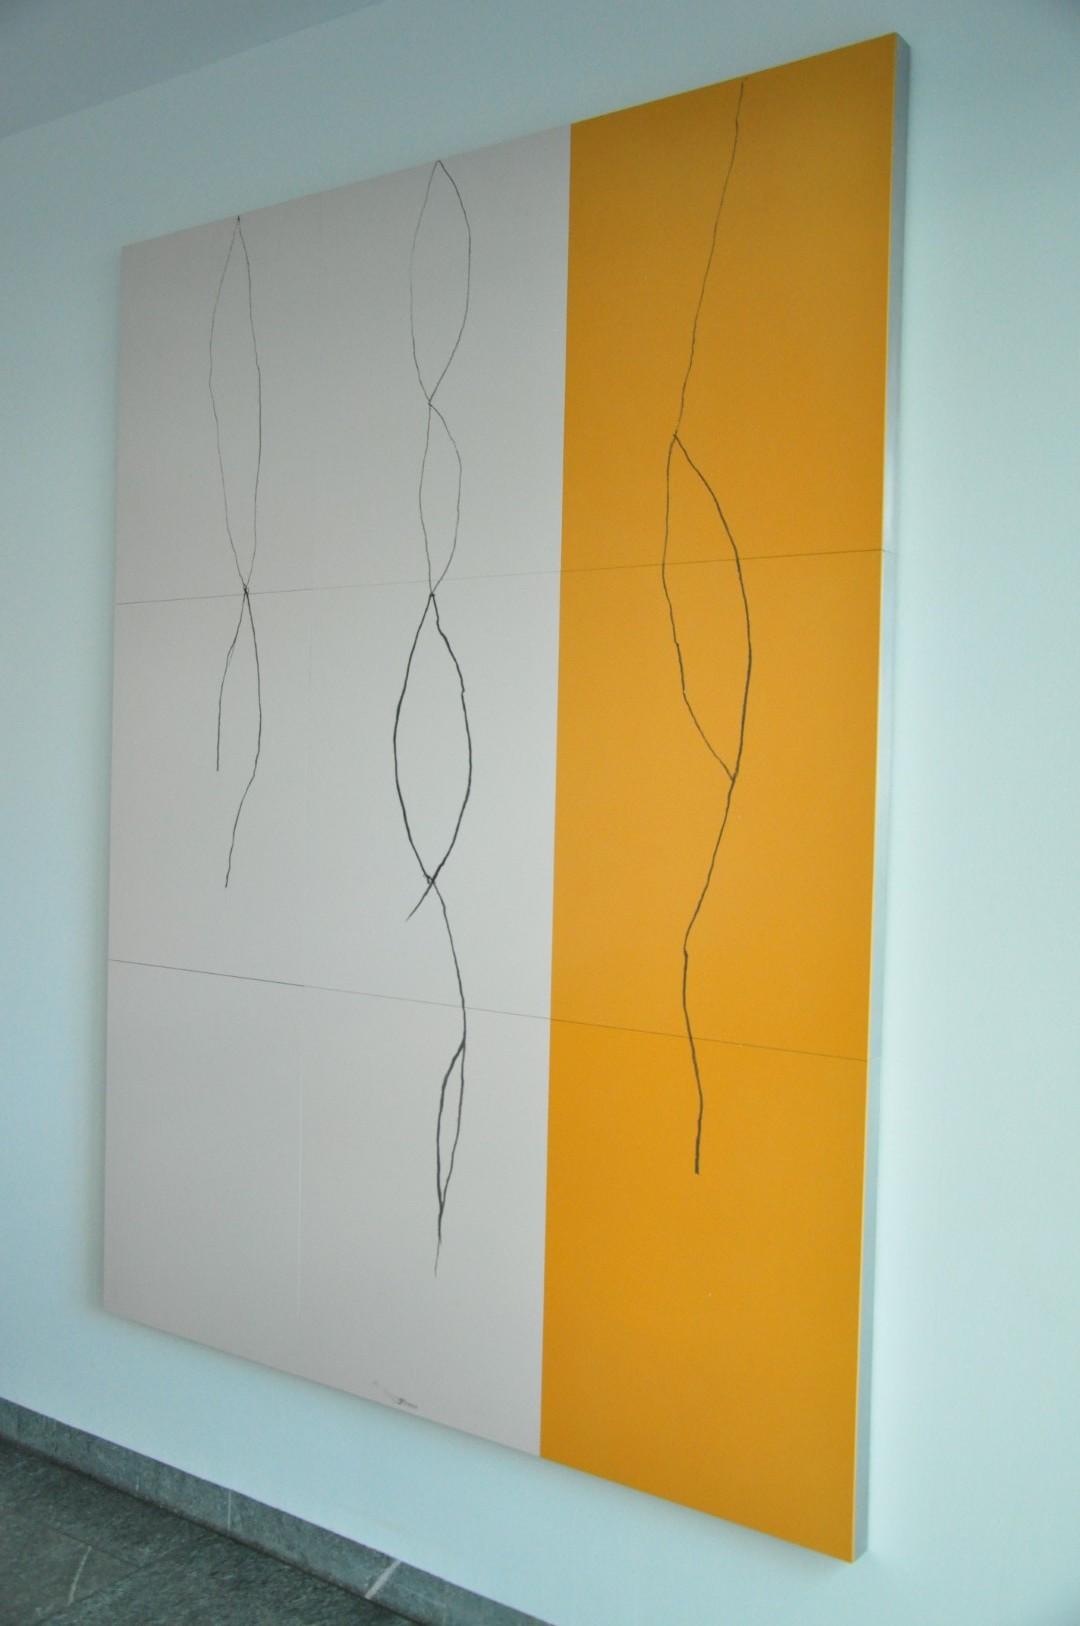 Drittes Bild aus der Ausstellung 'Dreiklang' von Jürgen Partenheimer in Berlin